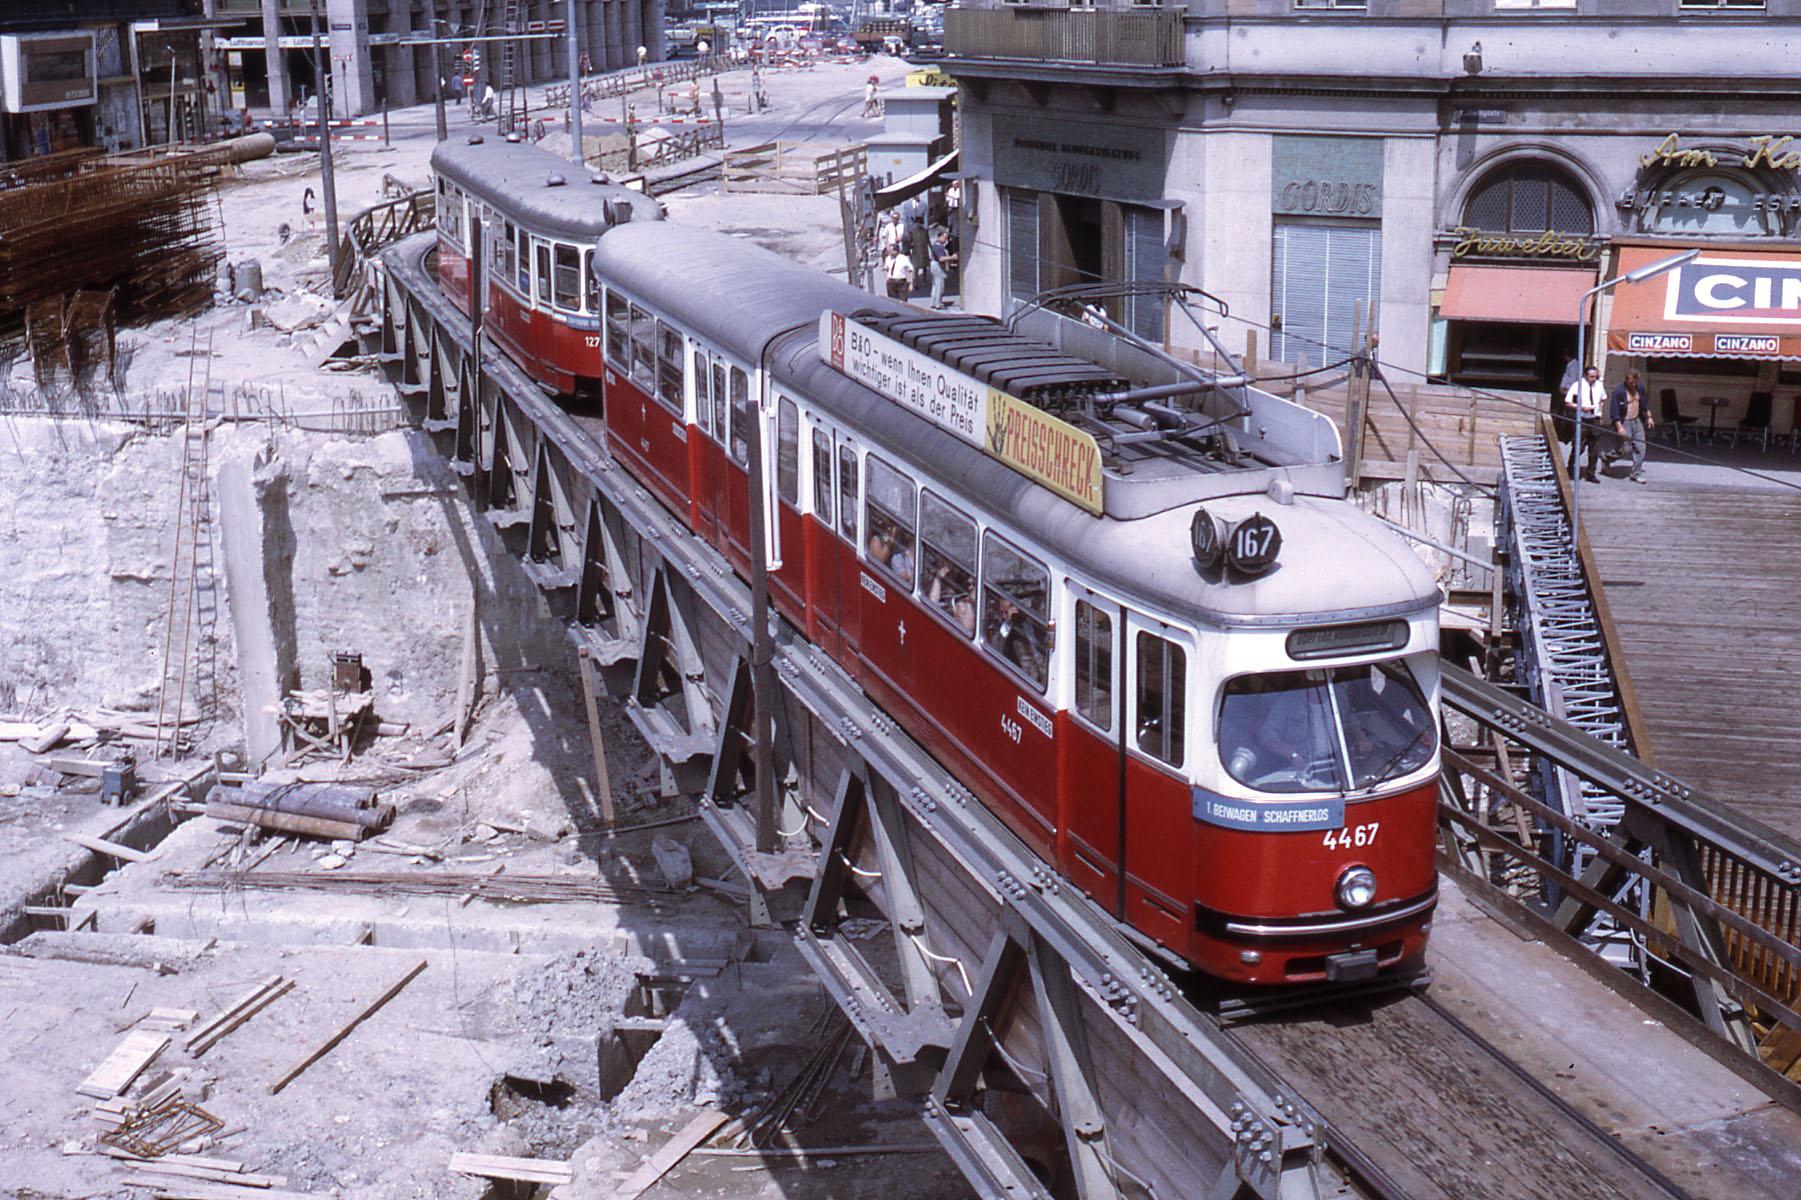 File:JHM-1970-1058 - Vienne (Wien), tramway.jpg